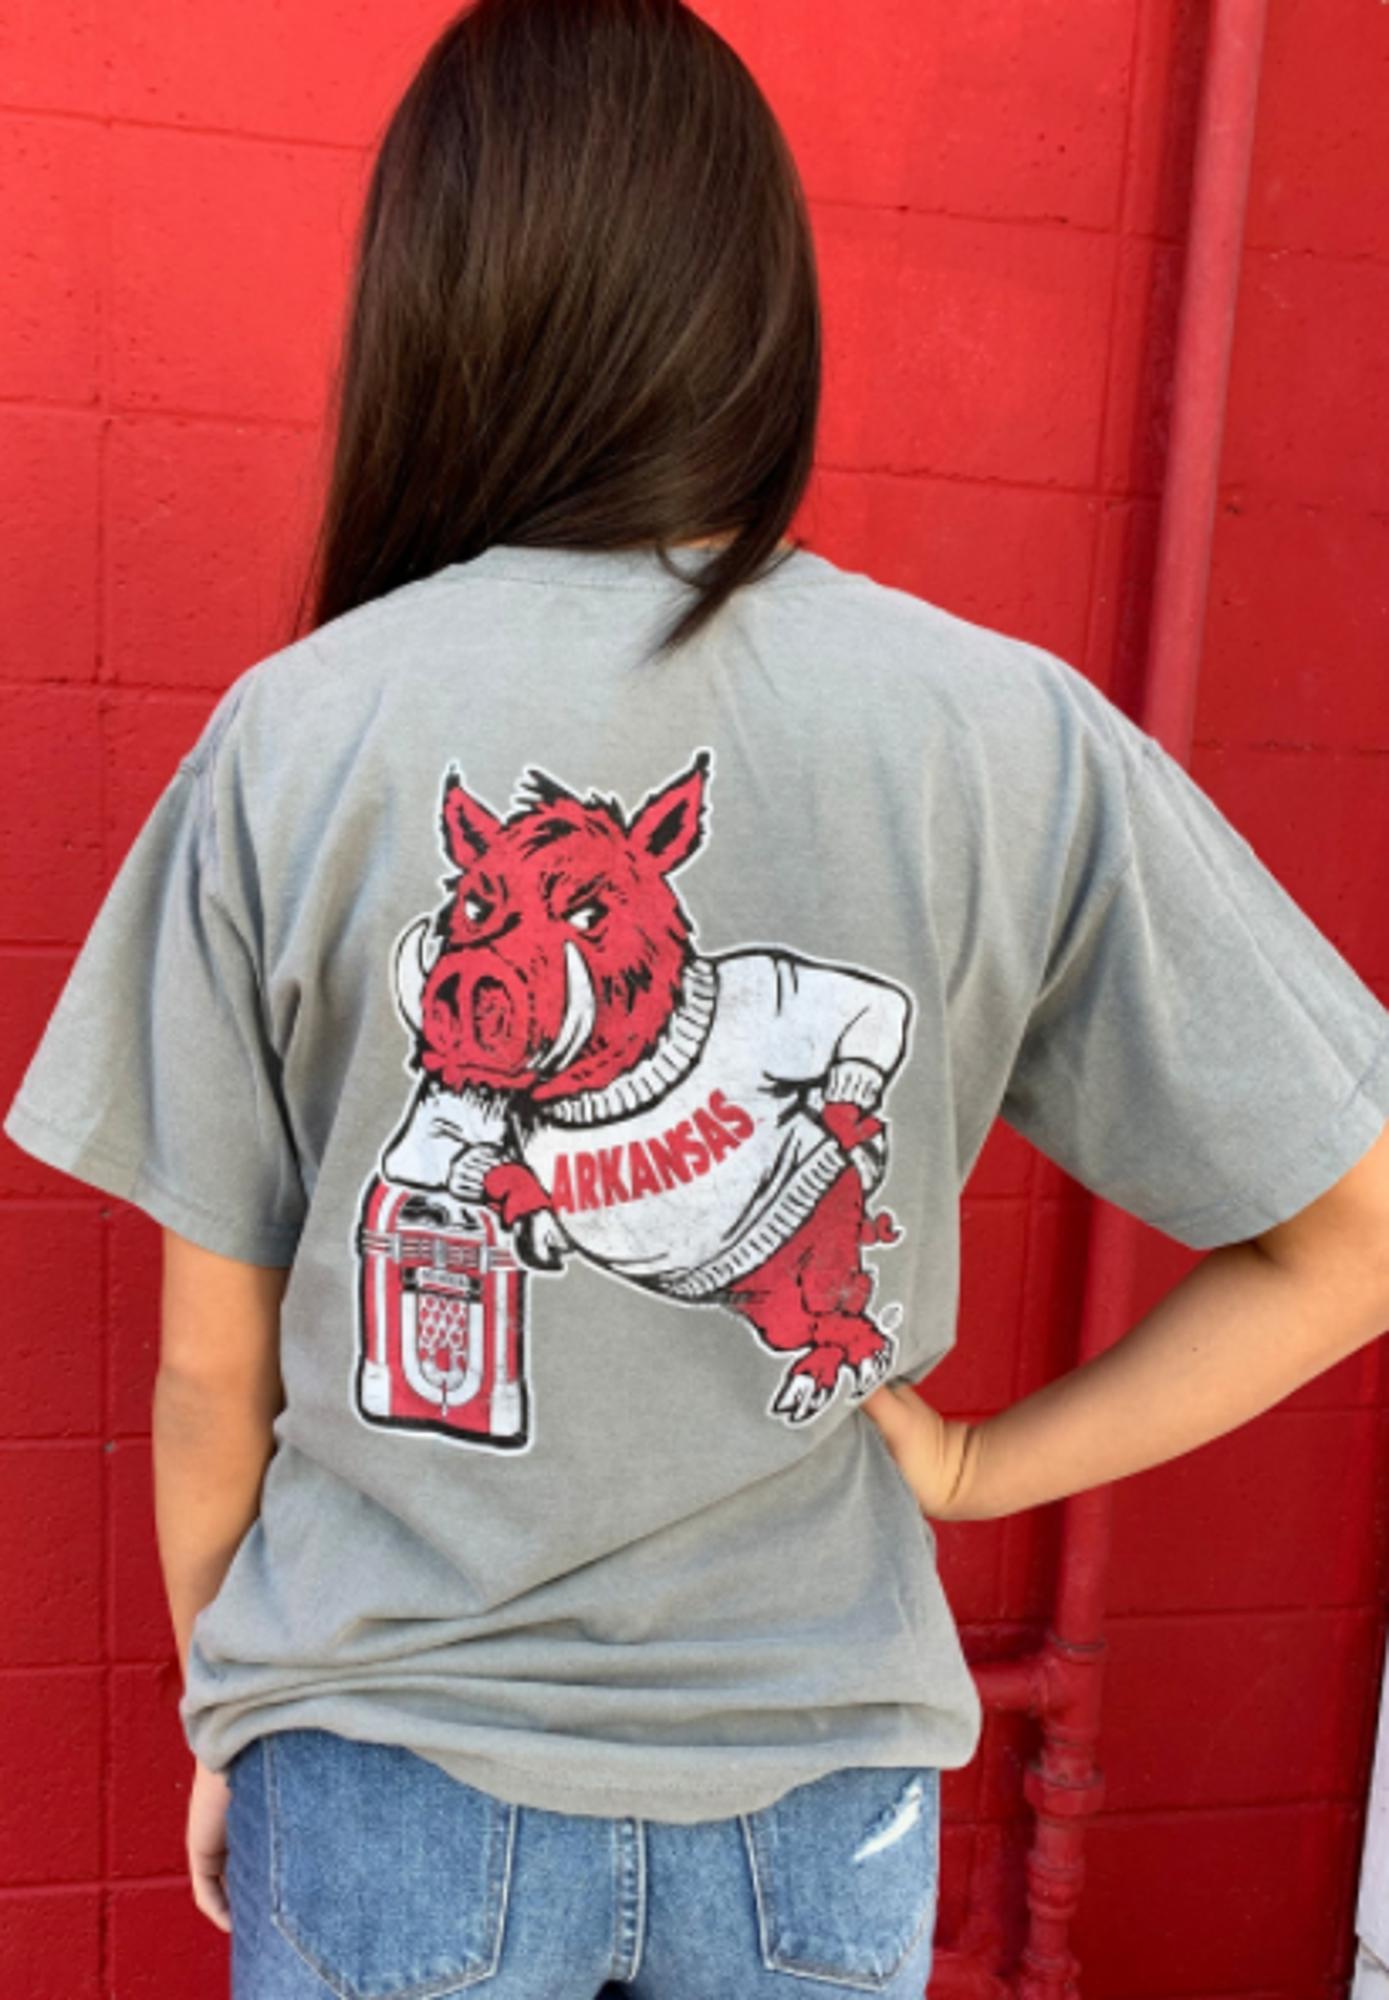 image of: Arkansas Razorbacks Comfort Color Hog Leaning on Jukebox Tee- Grey